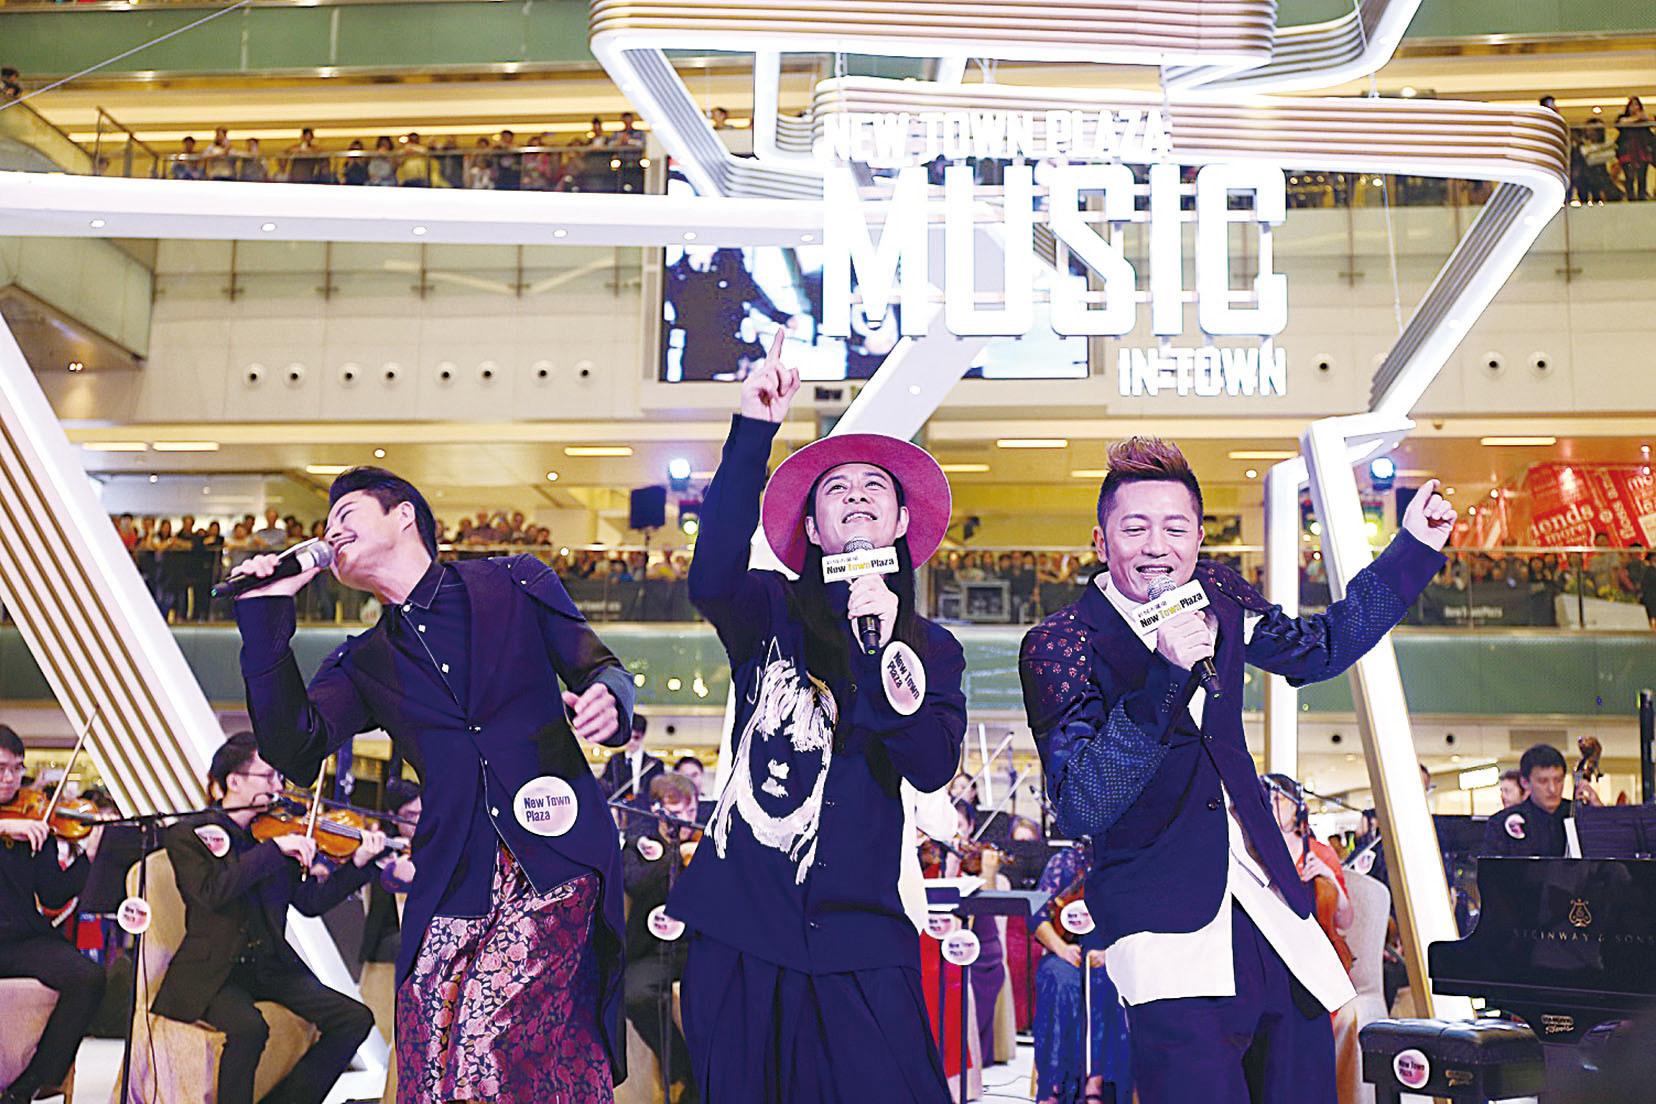 草蜢擔任壓軸表演嘉賓與觀眾打成一片。(Dynamic Duo PR)